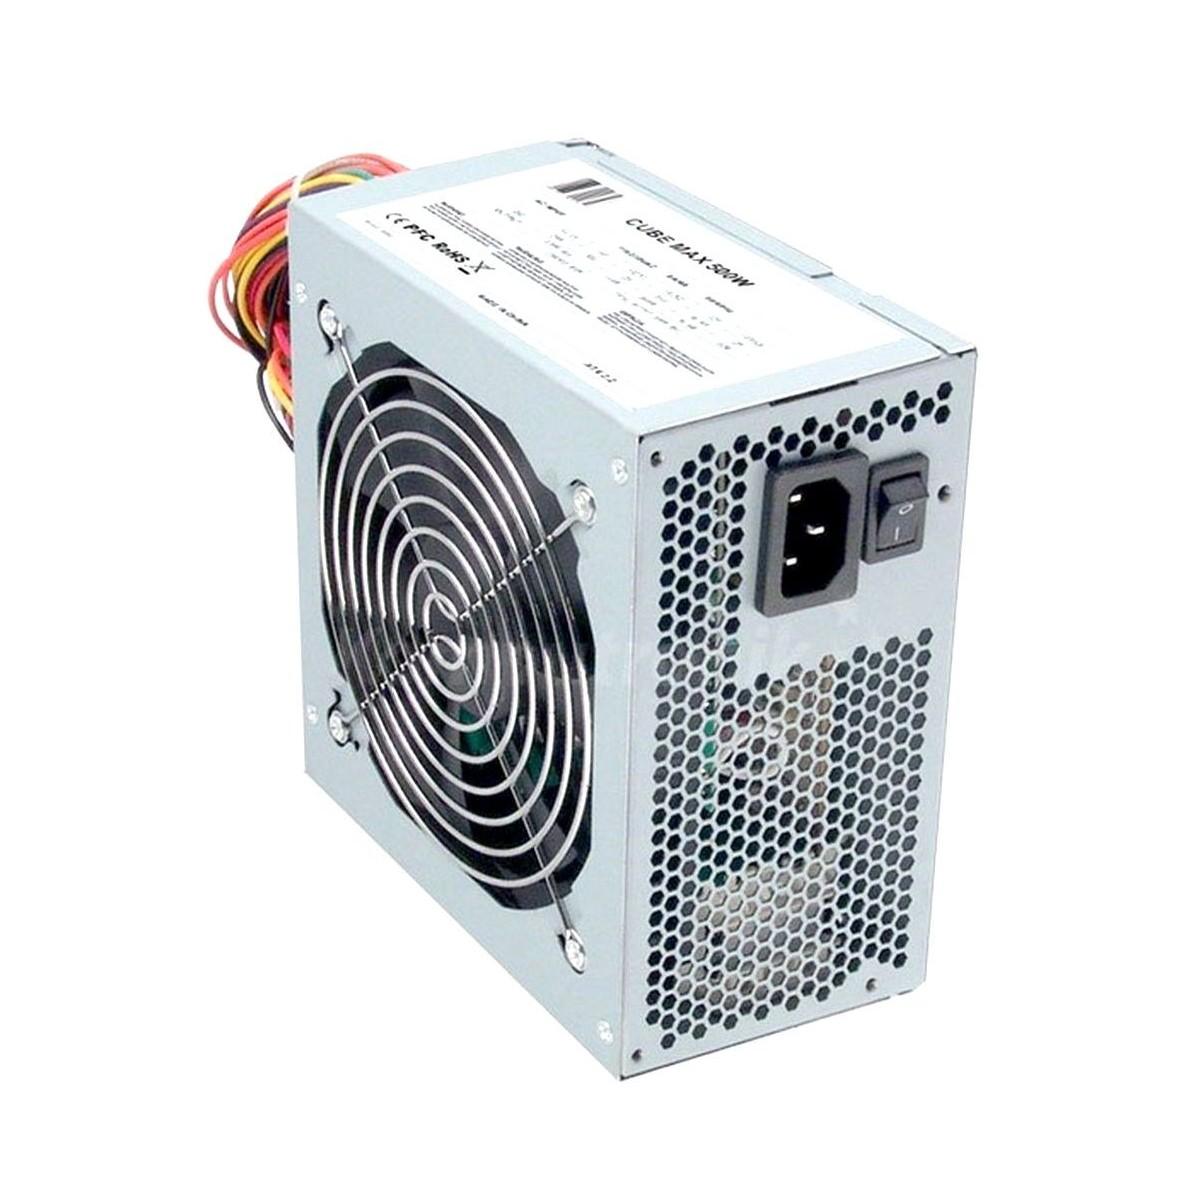 WIN2012 STD 5CAL+DELL T320 E5 2420v2 16GB SAS H710